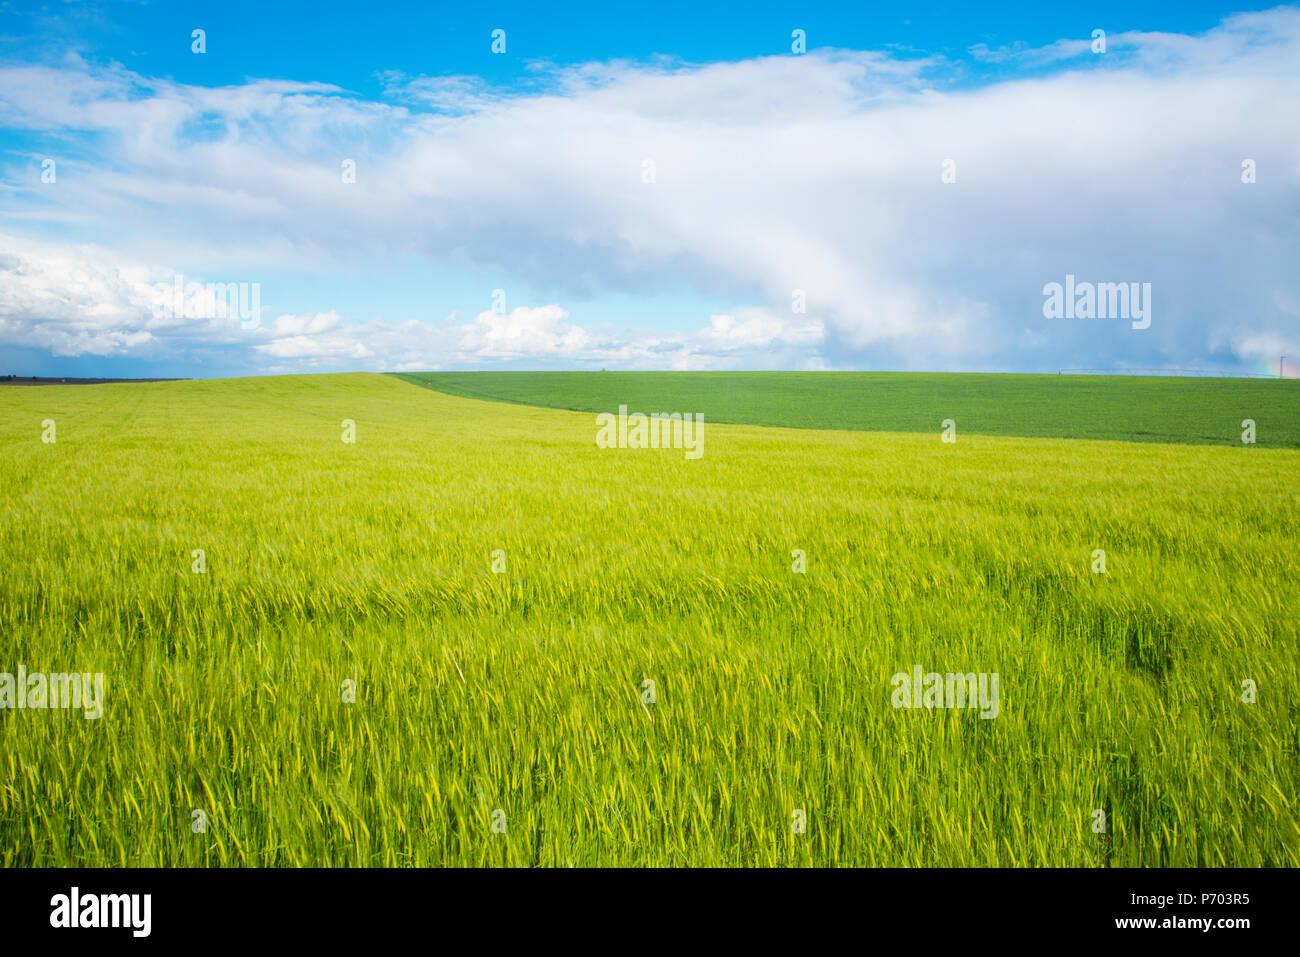 Wheat field in spring. Daimiel, Ciudad Real province, Castilla La Mancha, Spain. - Stock Image